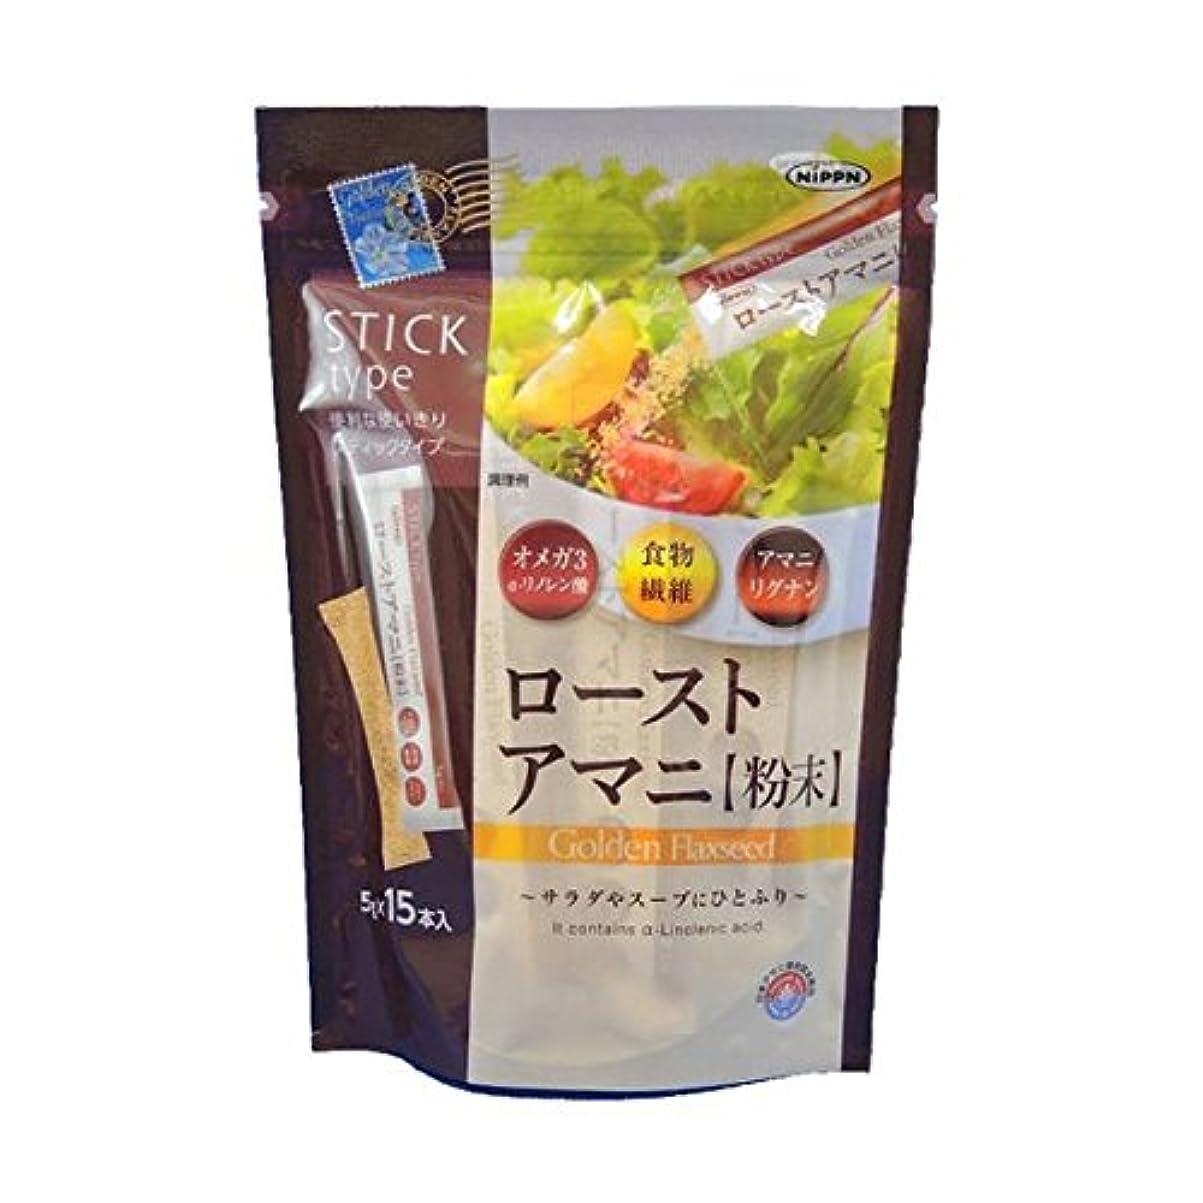 息切れにじみ出る受け入れるローストアマニ粉末【3袋セット】日本製粉